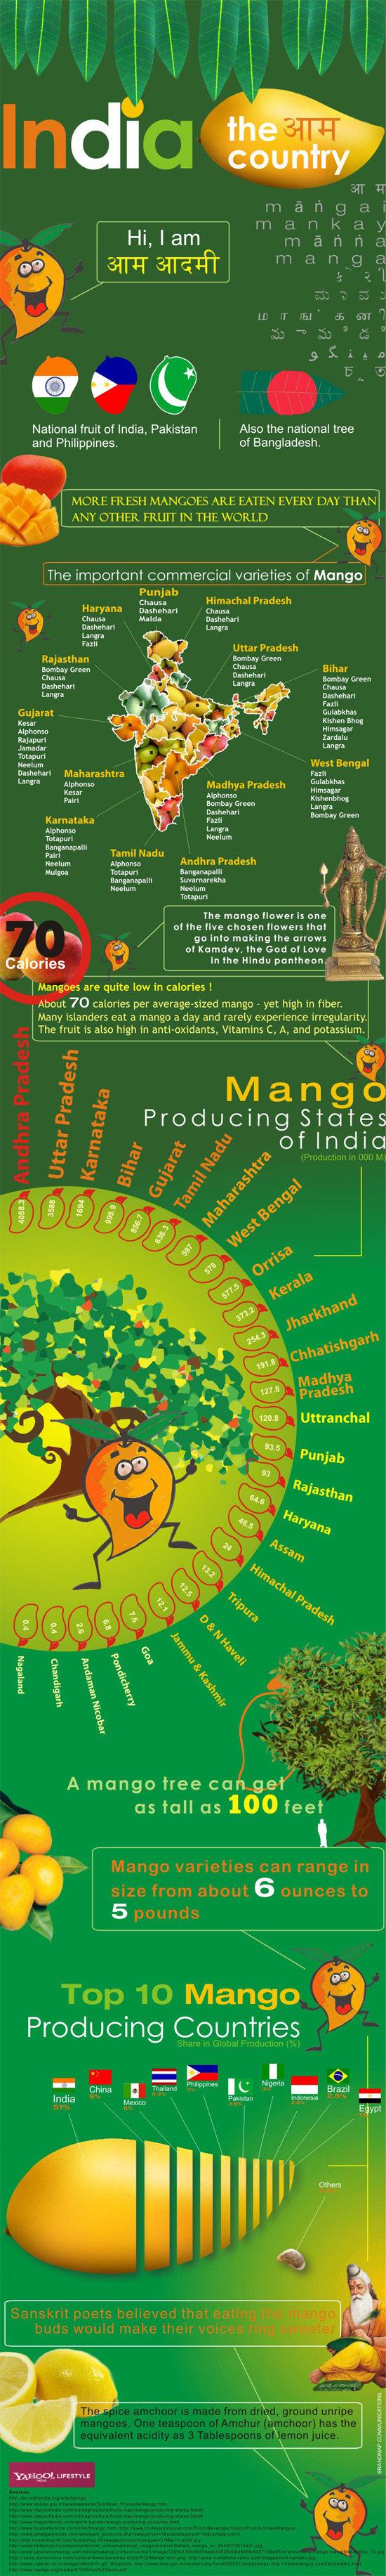 Mango Mela - Yahoo! Lifestyle India